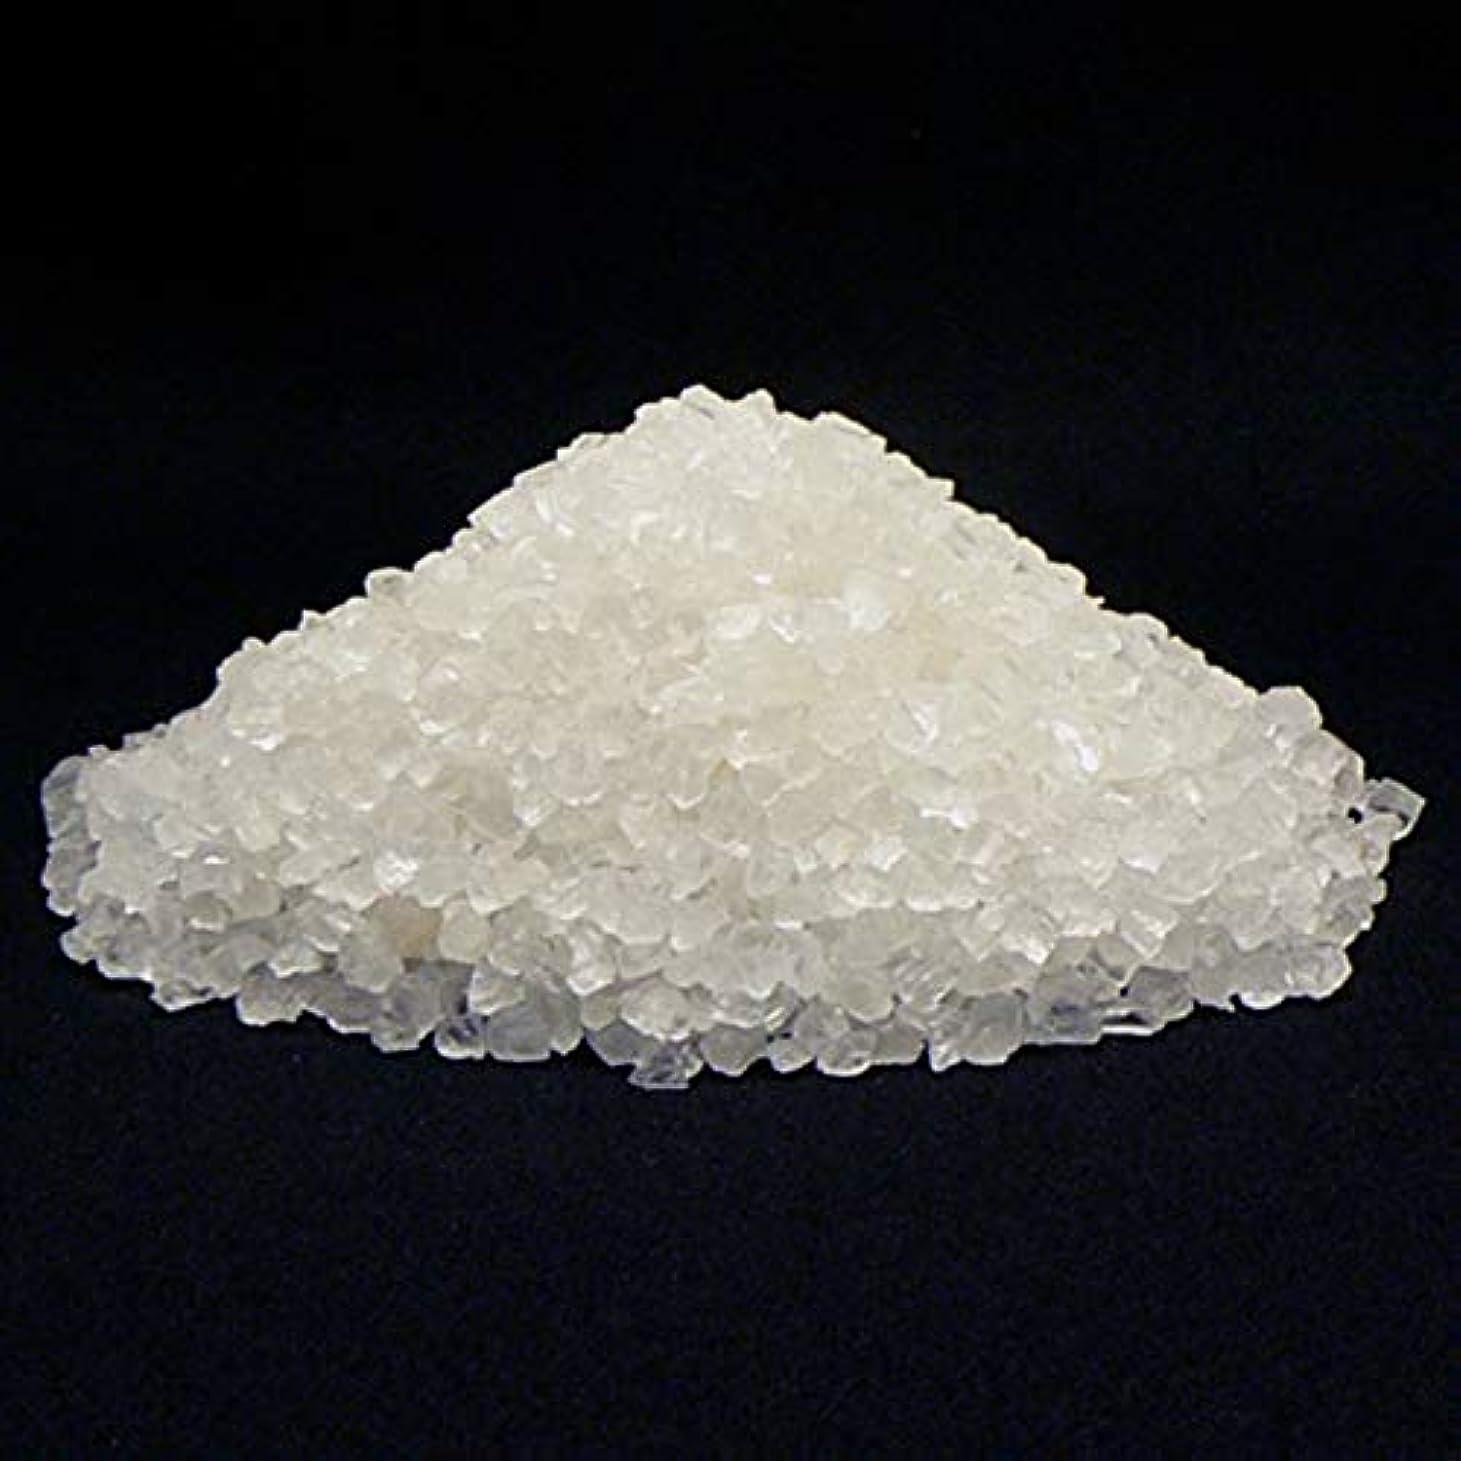 年齢タイピスト消えるヒマラヤ岩塩 クリスタルソルト 入浴用 バスソルト(小粒)クリスタル岩塩 白岩塩 (2kg+300g増量)